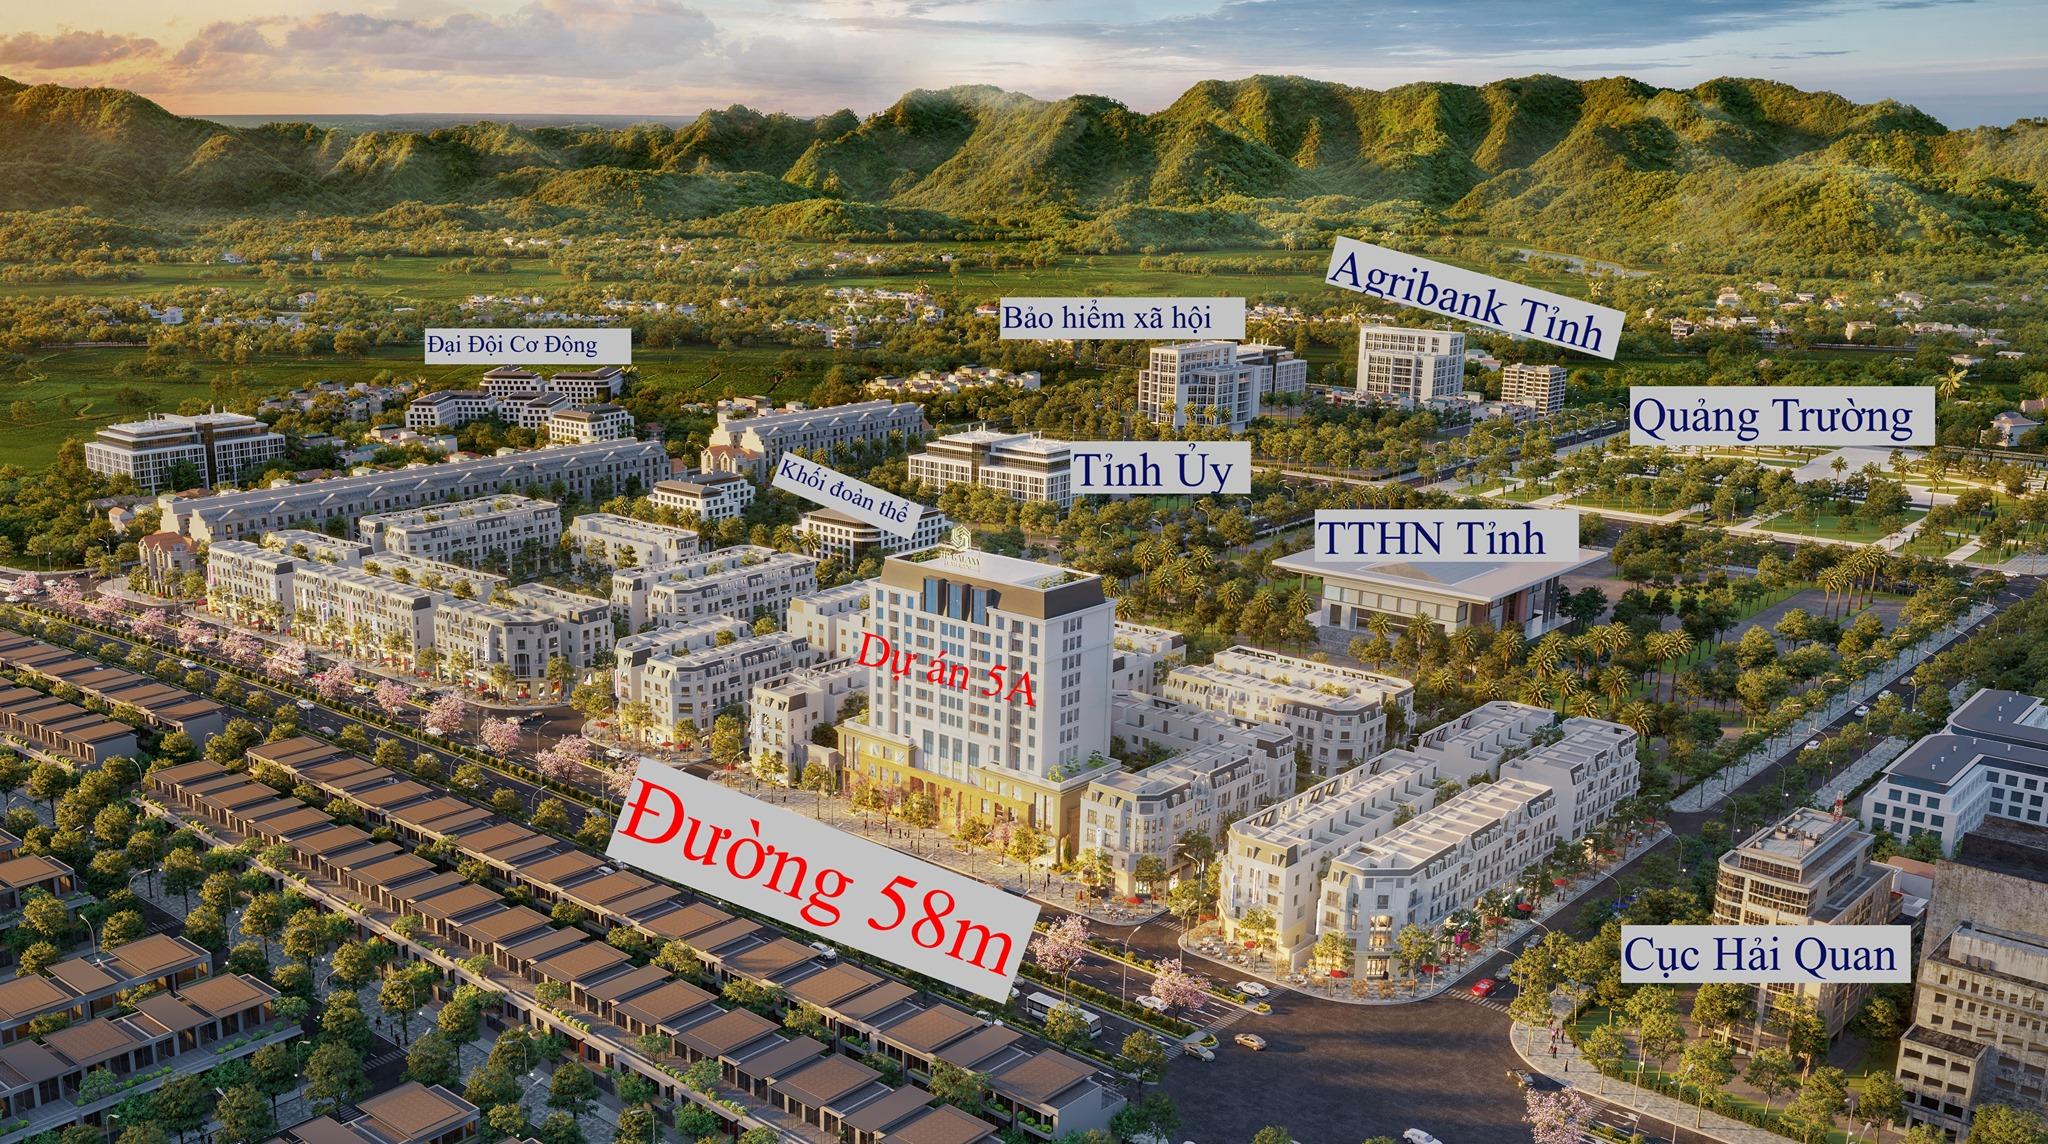 Bán nhà phố liền kề tại quảng trường km5, đề thám, Cao Bằng